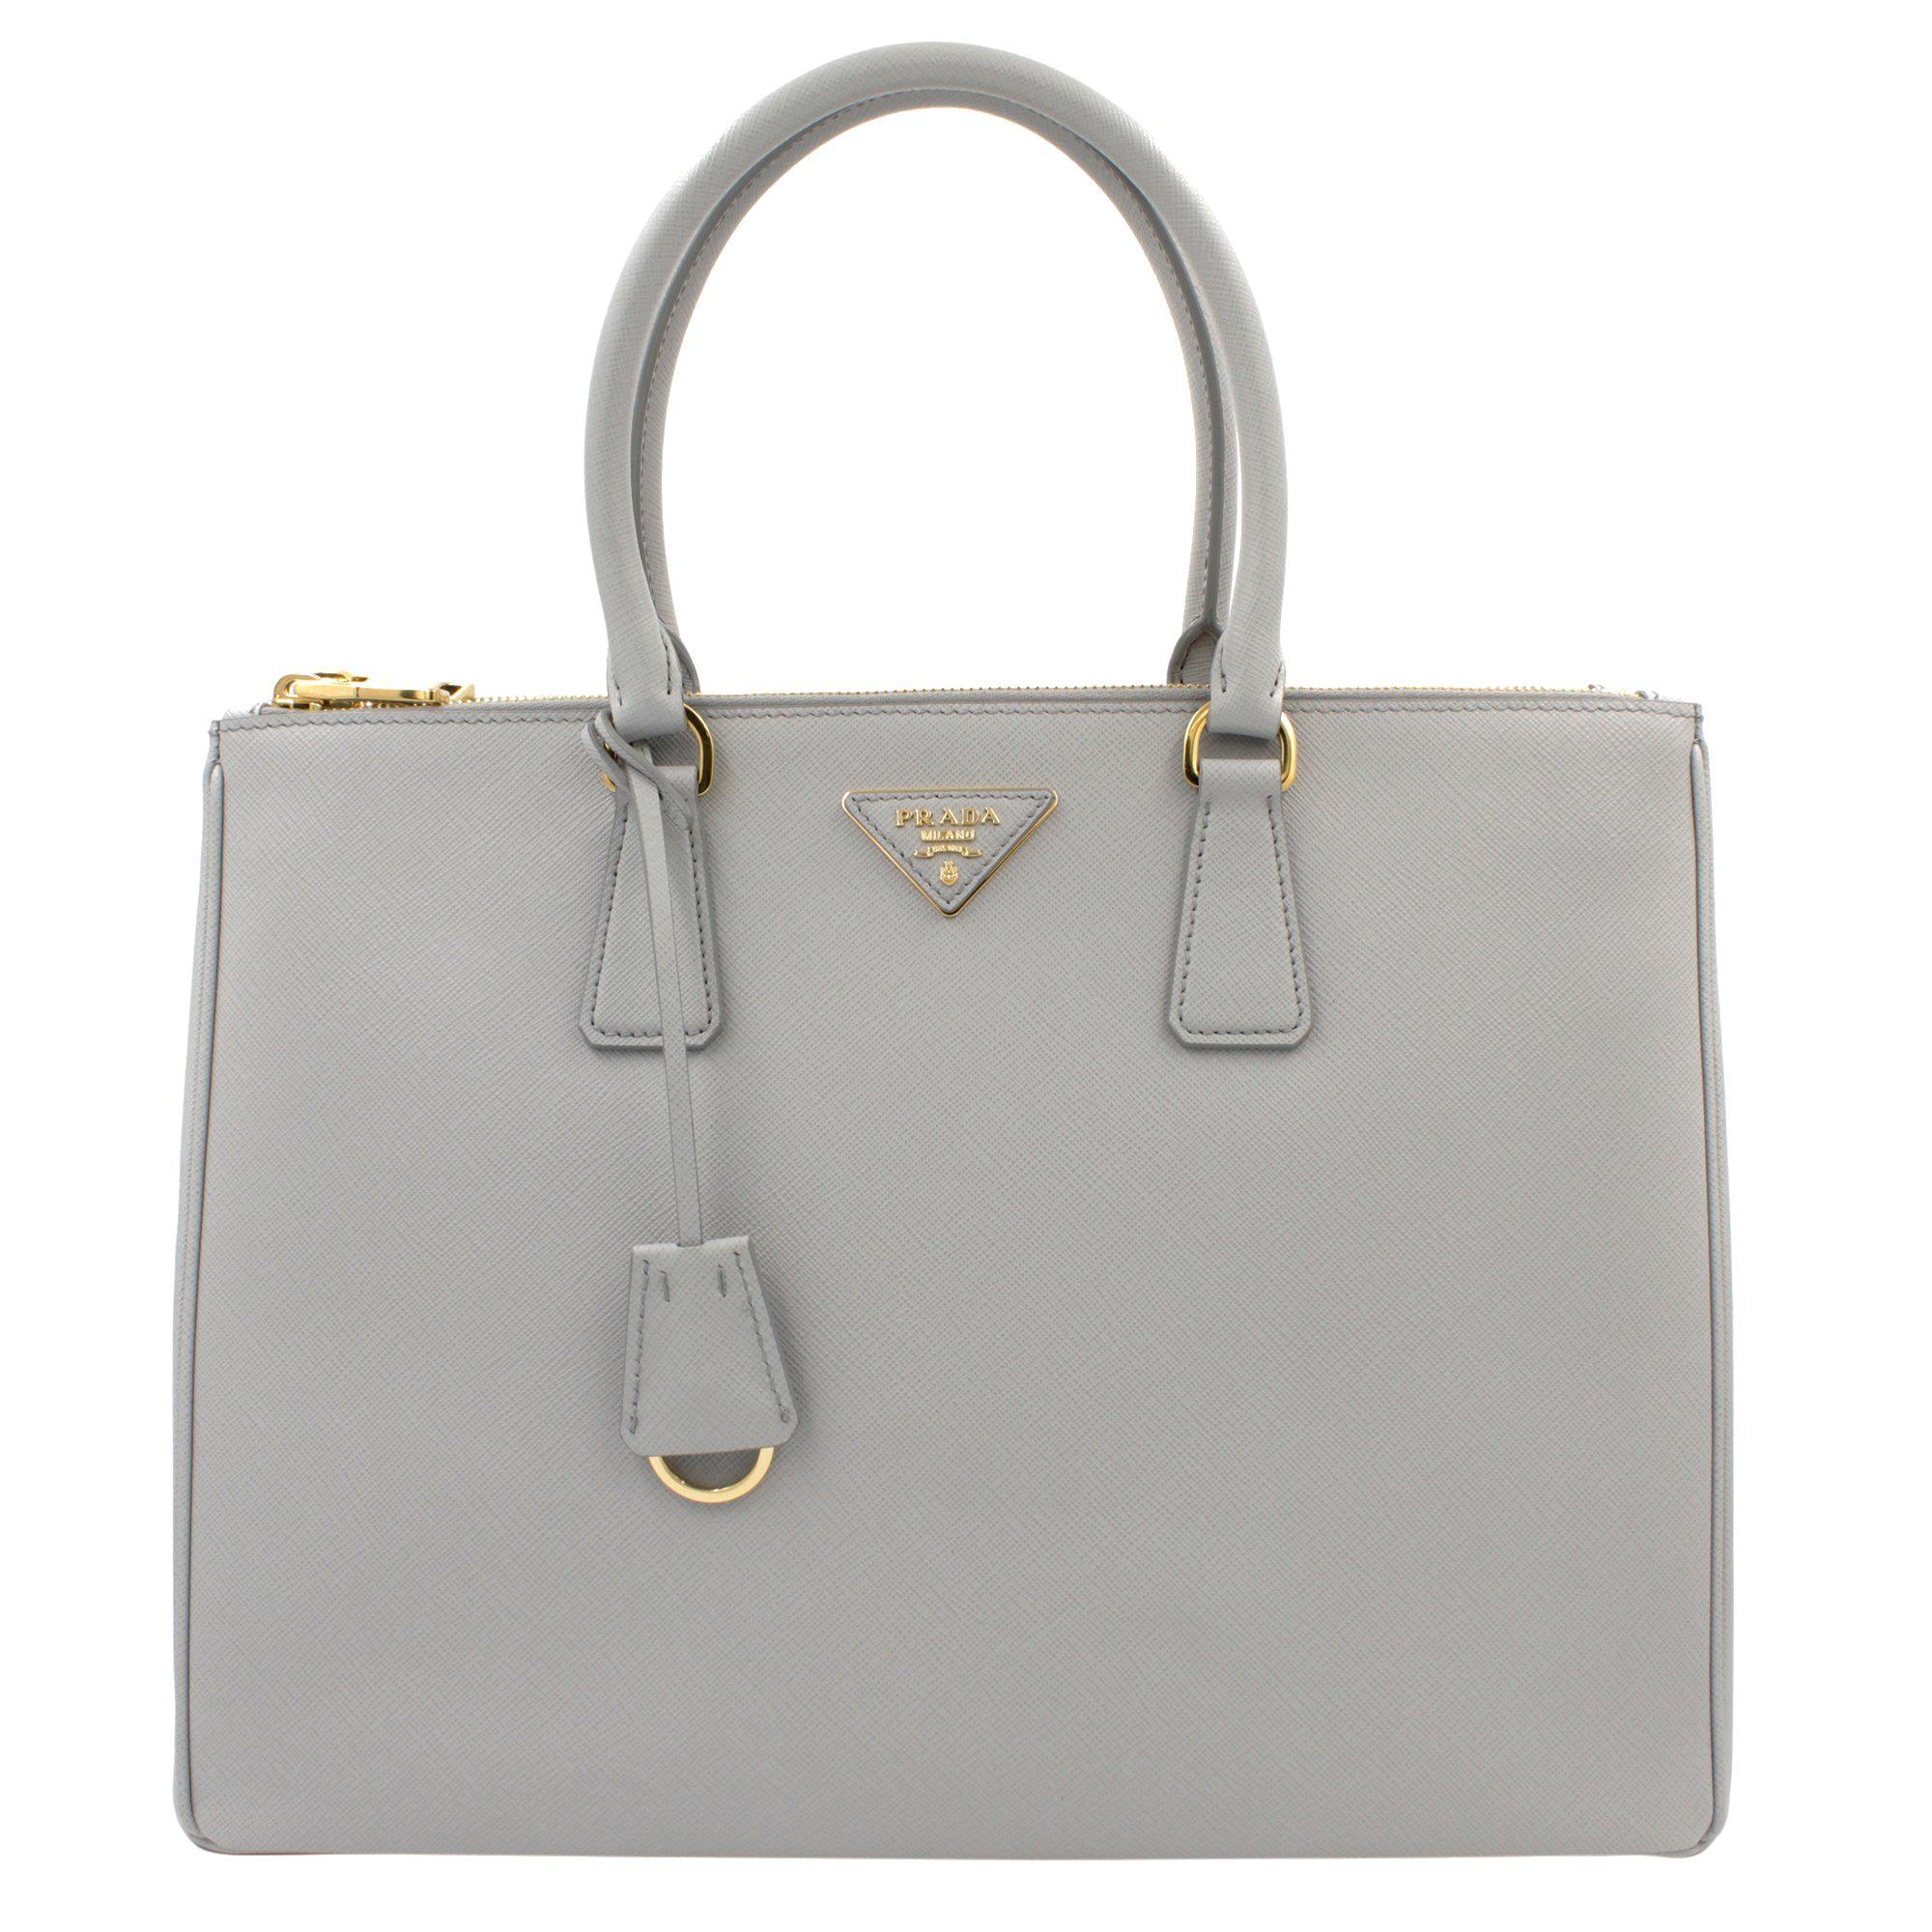 170b1cf978a Prada Promenade Leather Shoulder Bag at 1stdibs